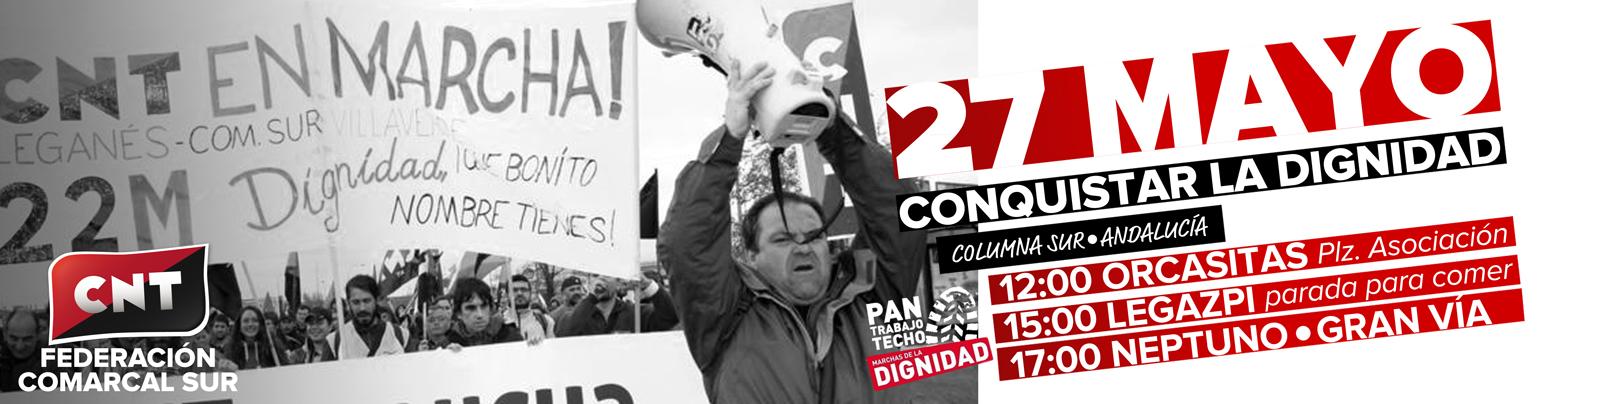 27M: Las Marchas de la Dignidad vuelven a Madrid